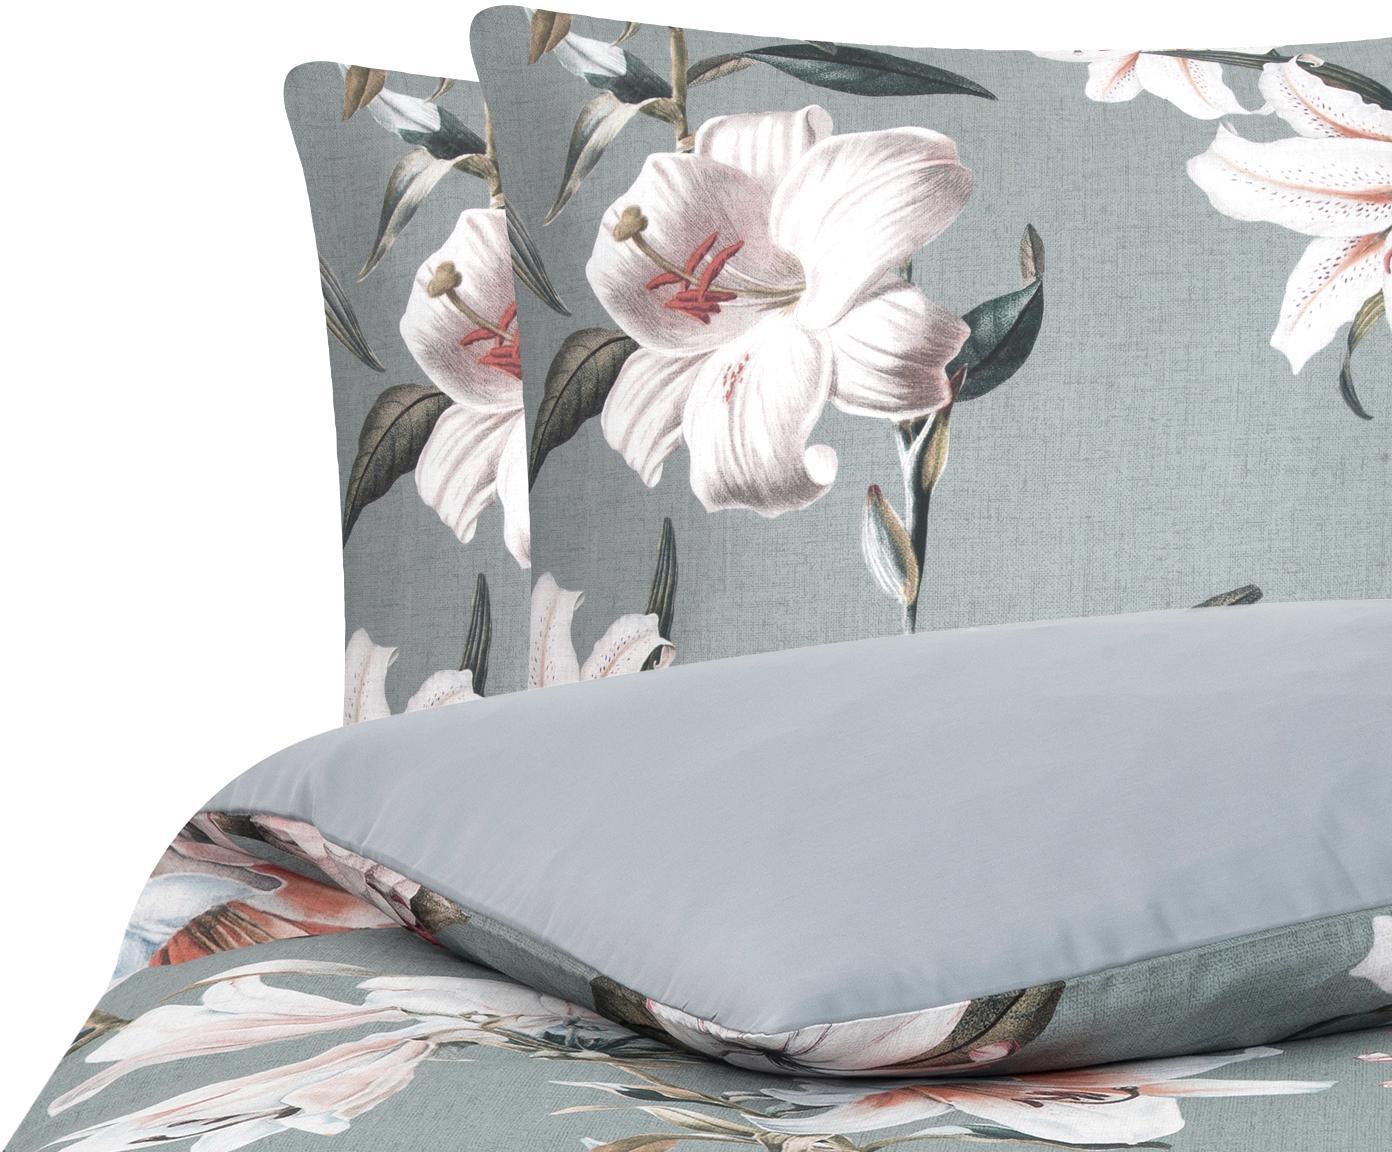 Baumwollsatin-Bettwäsche Flori mit Blumen-Print, Webart: Satin Fadendichte 210 TC,, Vorderseite: Blau, CremeweißRückseite: Blau, 200 x 200 cm + 2 Kissen 80 x 80 cm